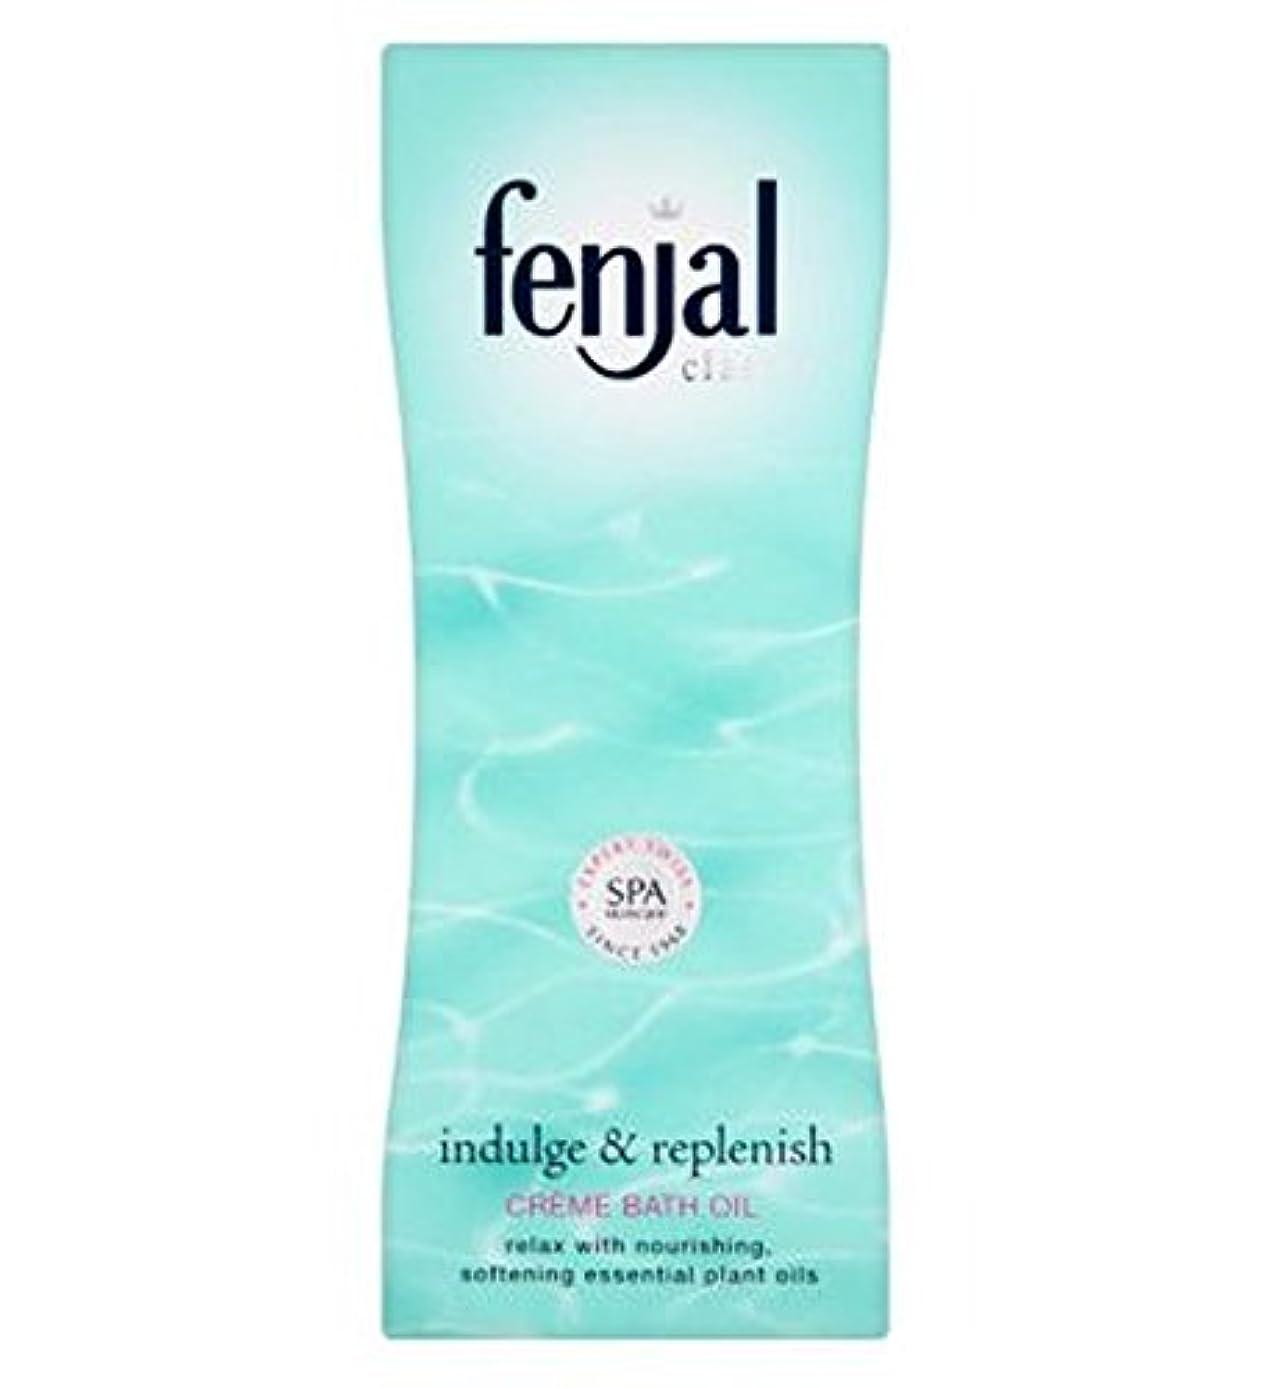 普及隠隙間Fenjal古典的な高級クリームバスオイル (Fenjal) (x2) - Fenjal Classic Luxury Creme Bath Oil (Pack of 2) [並行輸入品]